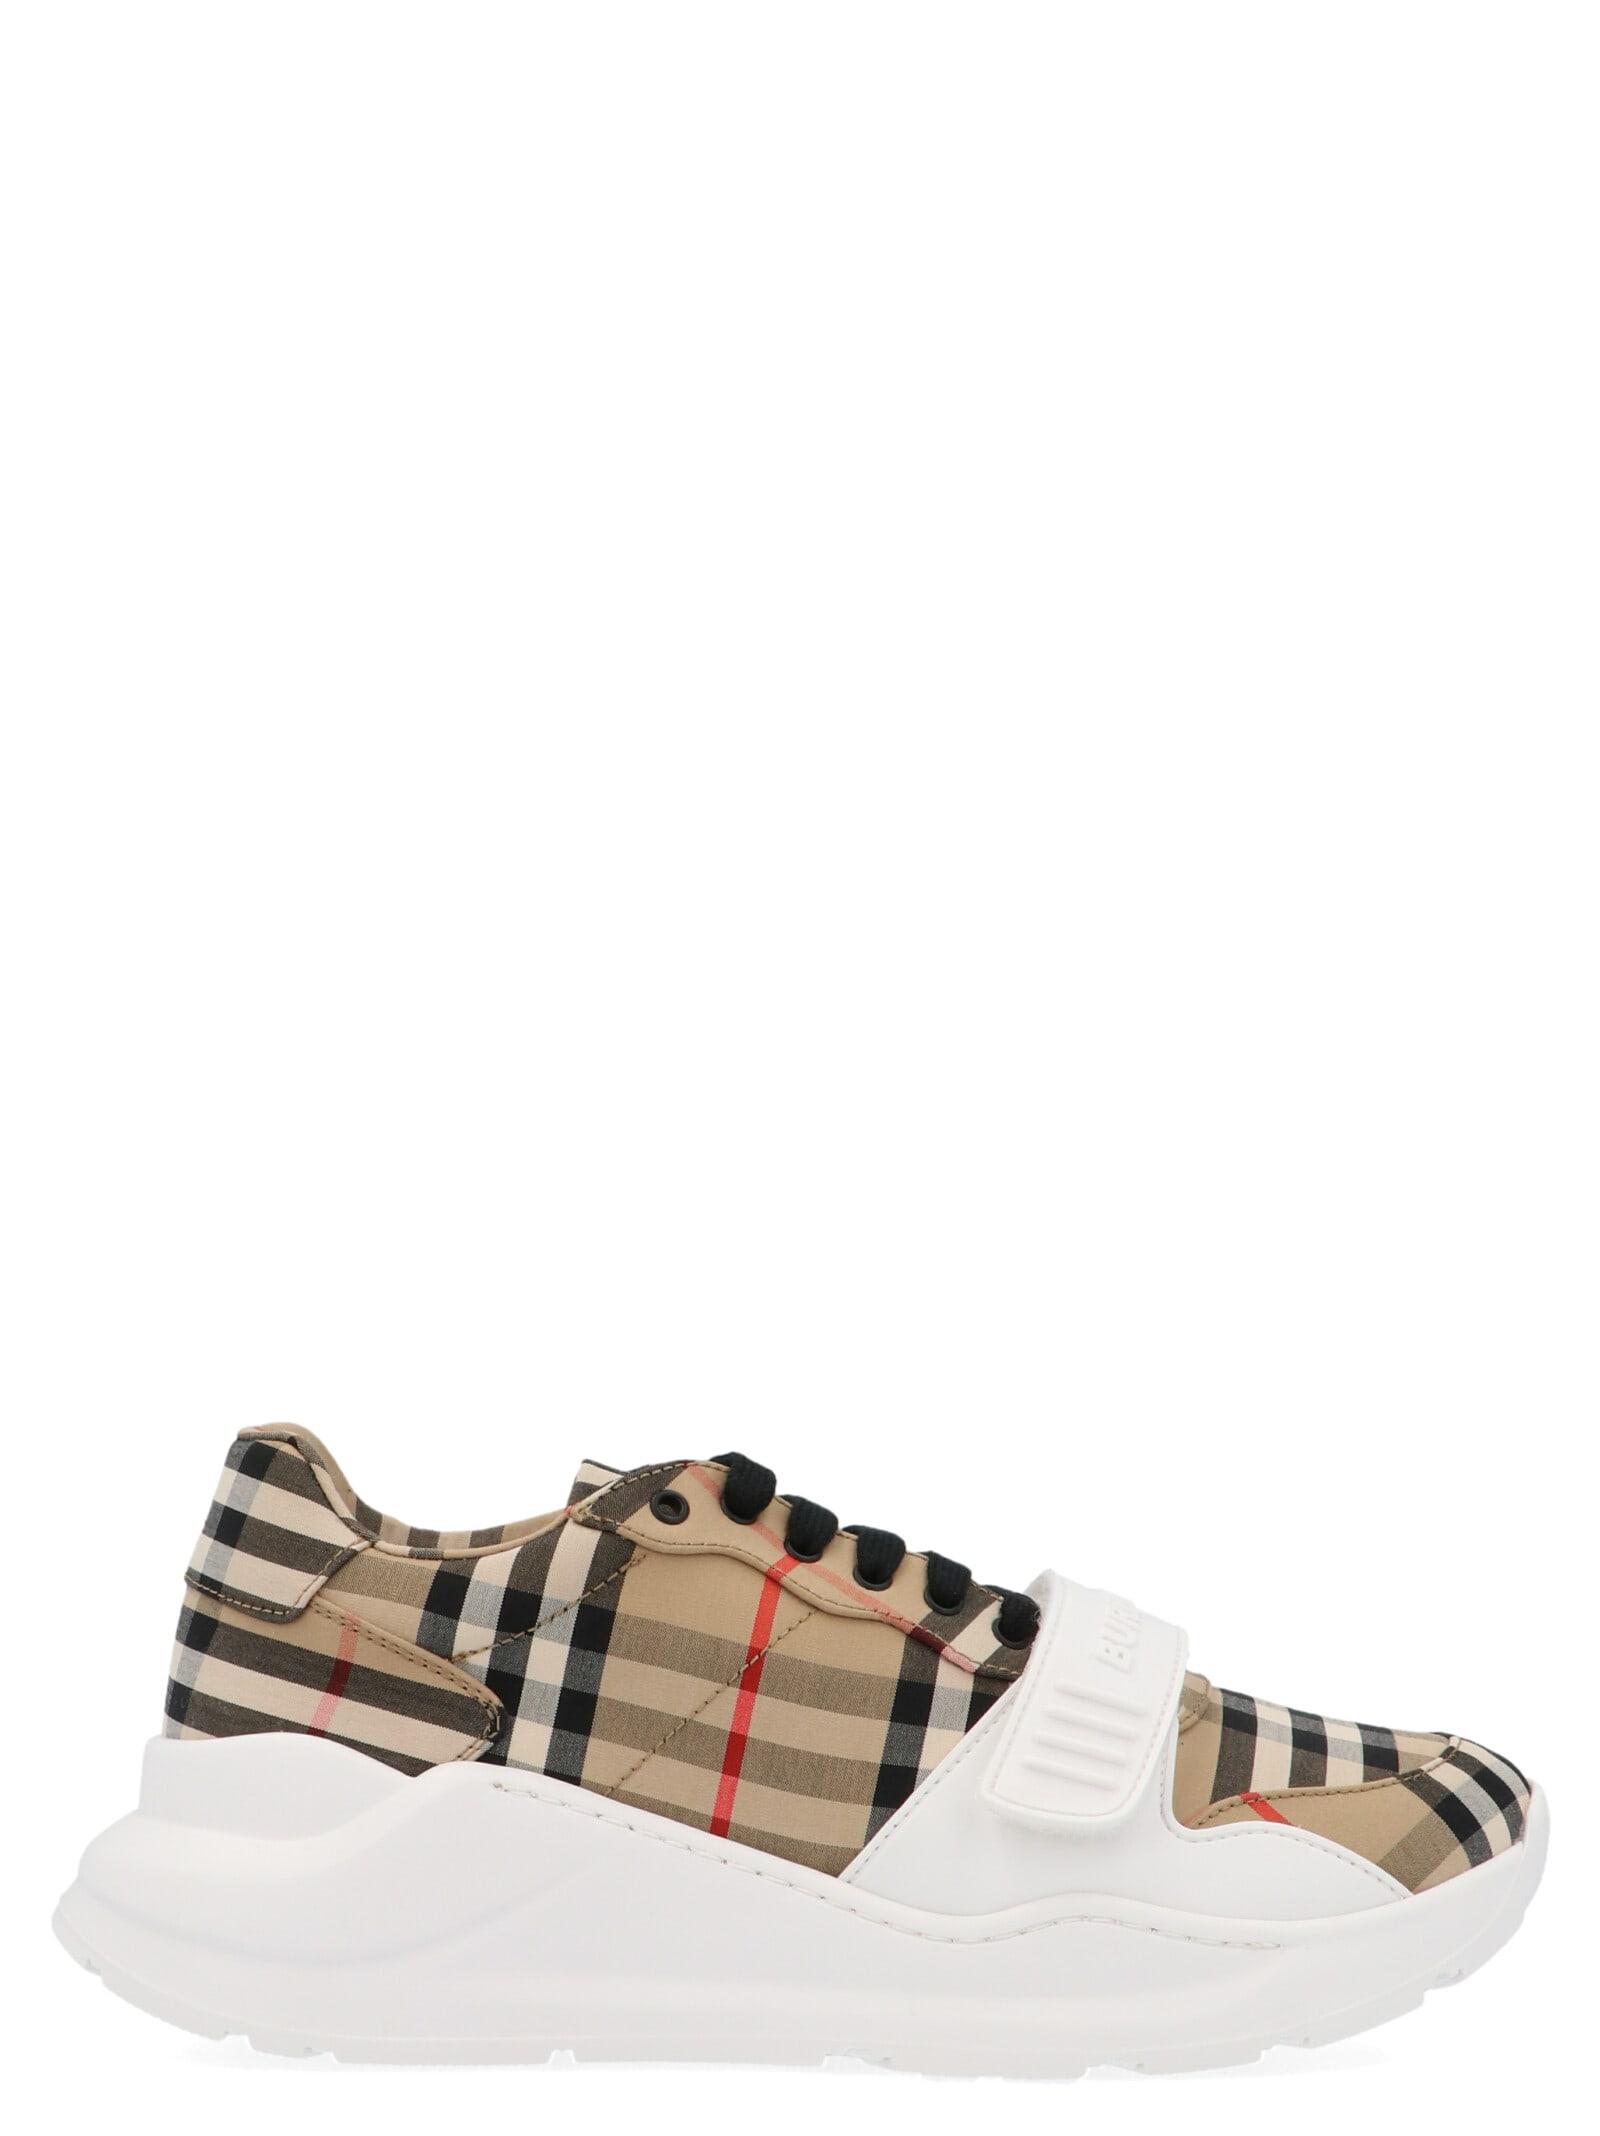 Burberry regis L Low Shoes